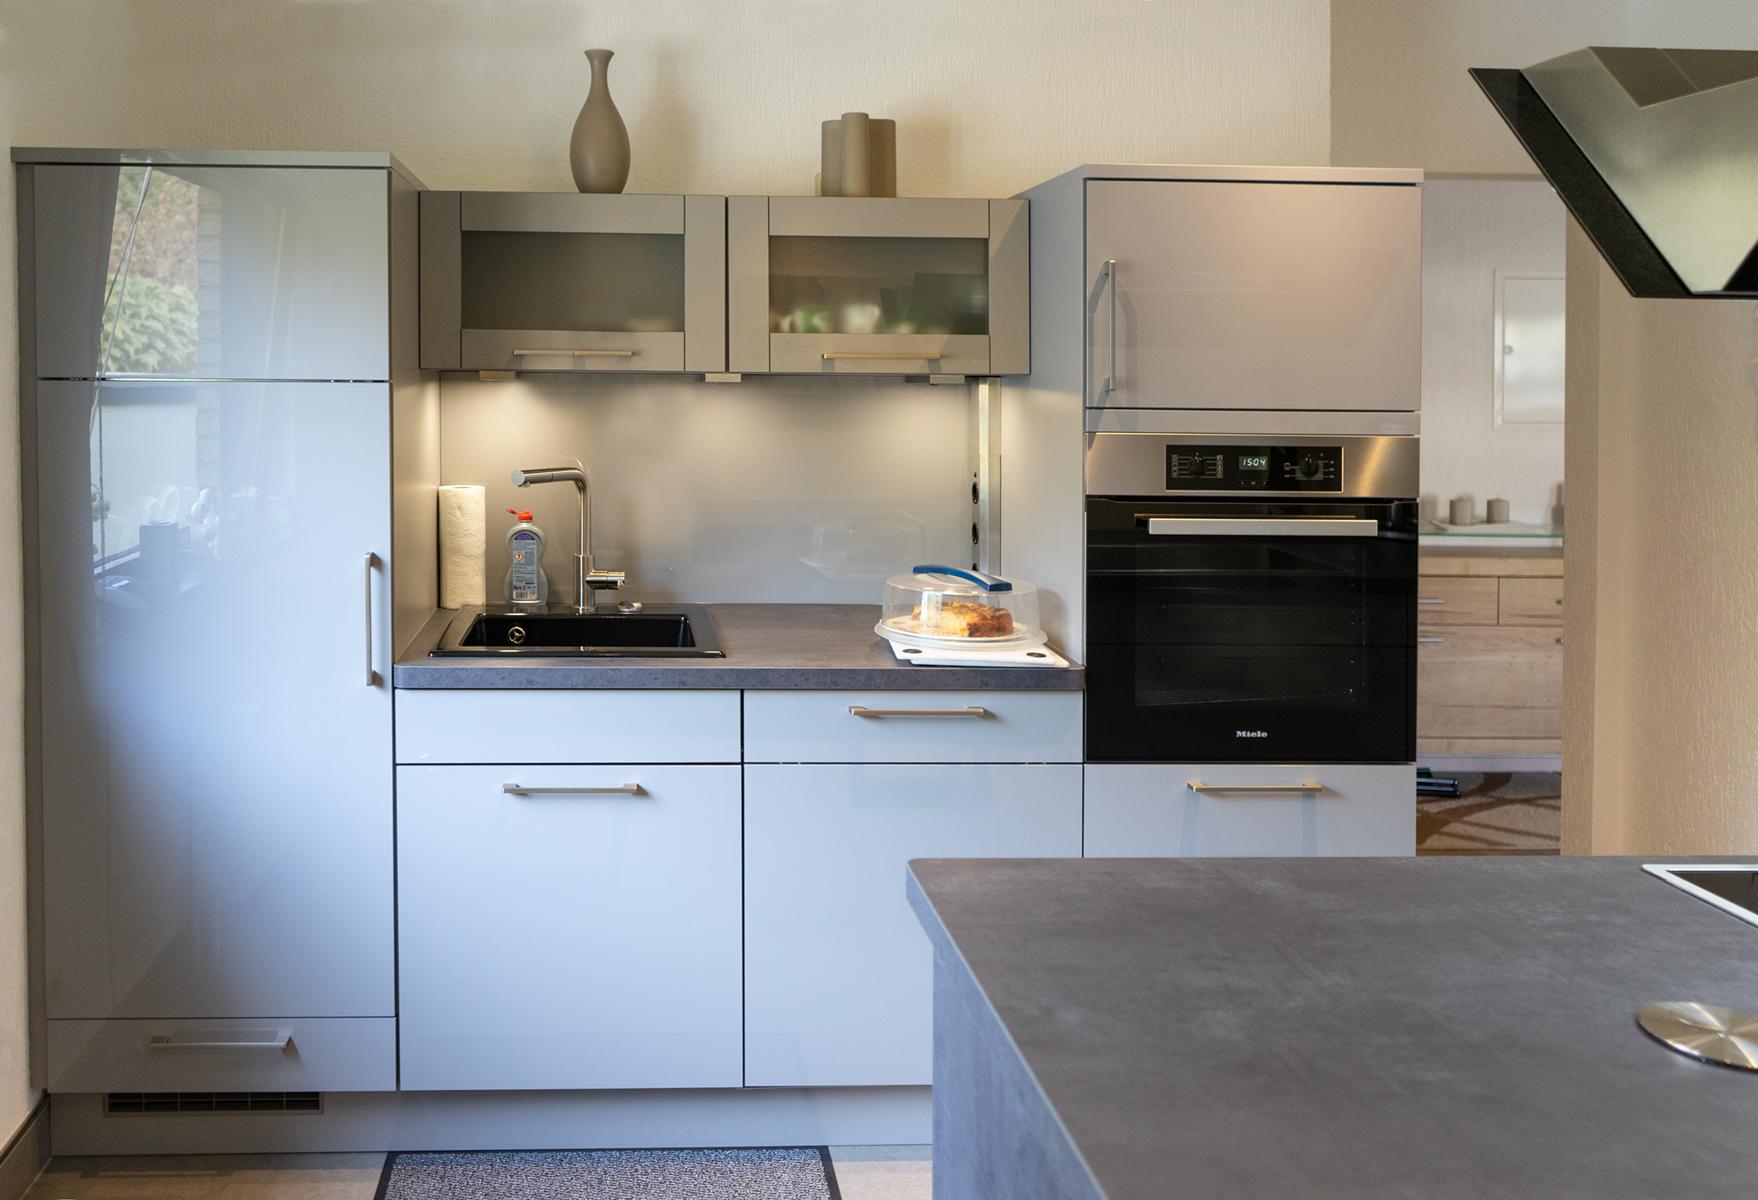 SAAR Küchen - Graue, pflegeleichte Inselküche Saarlouis